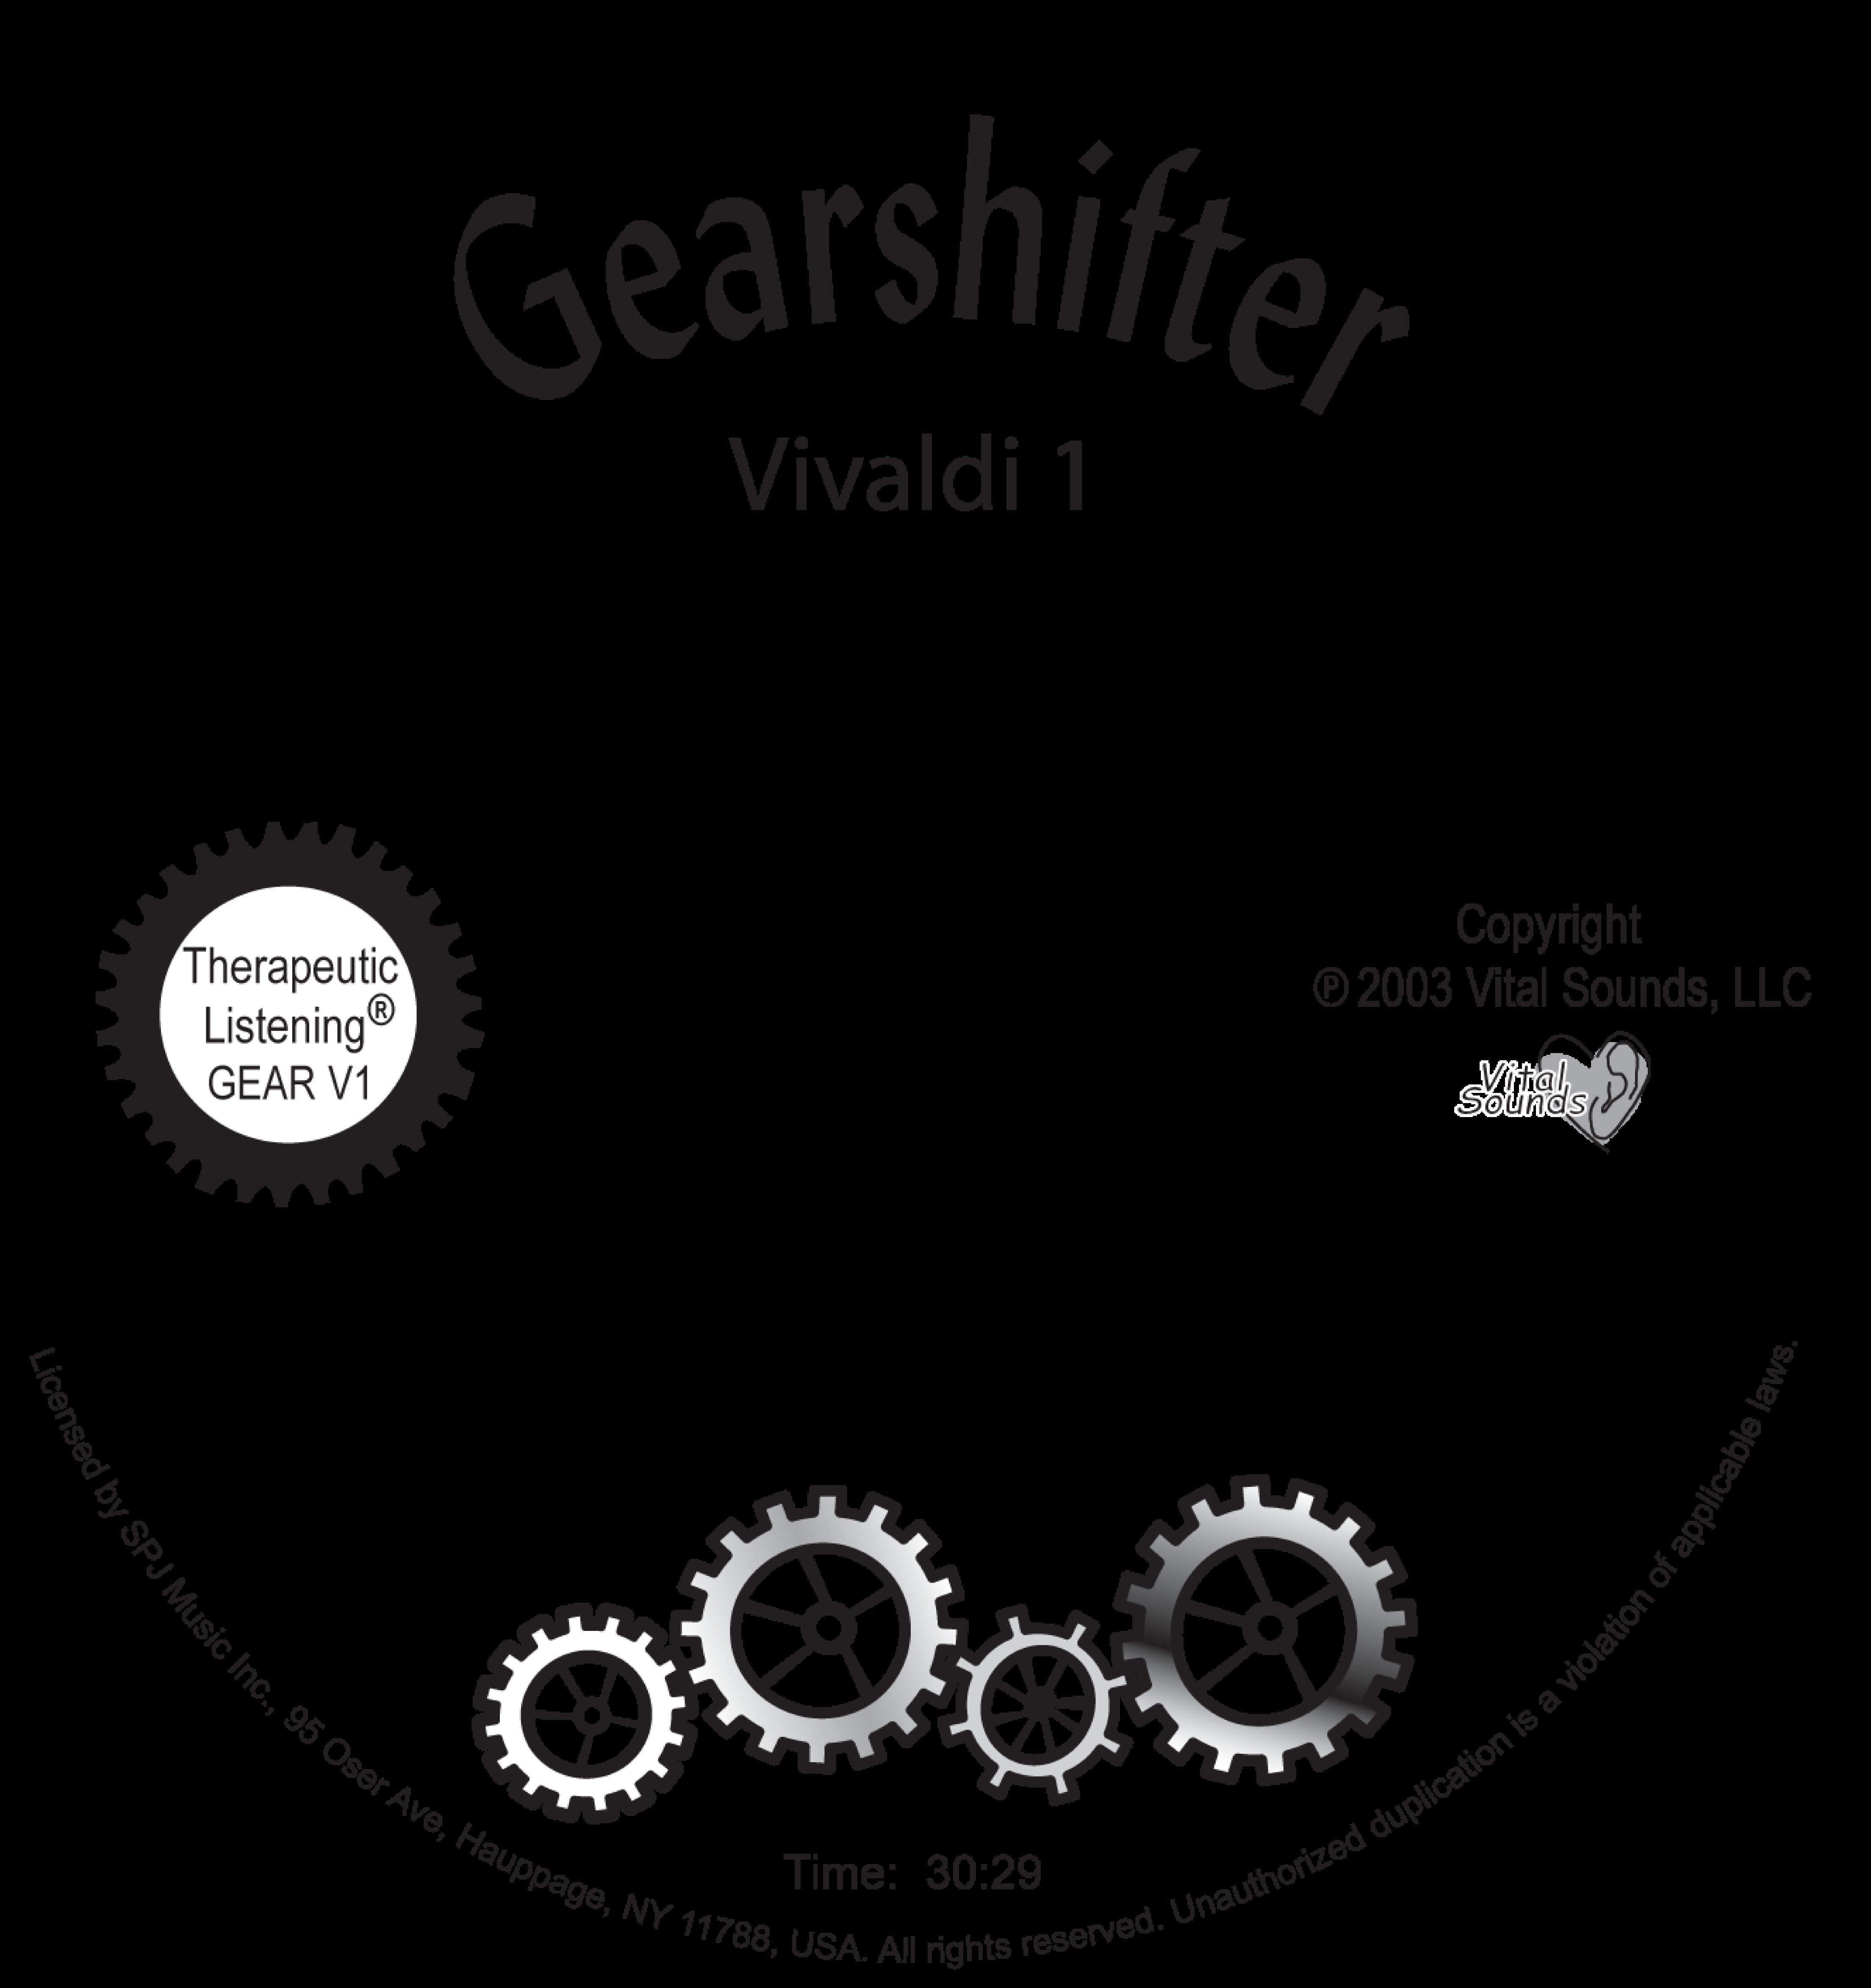 Vivaldi I Gearshifter